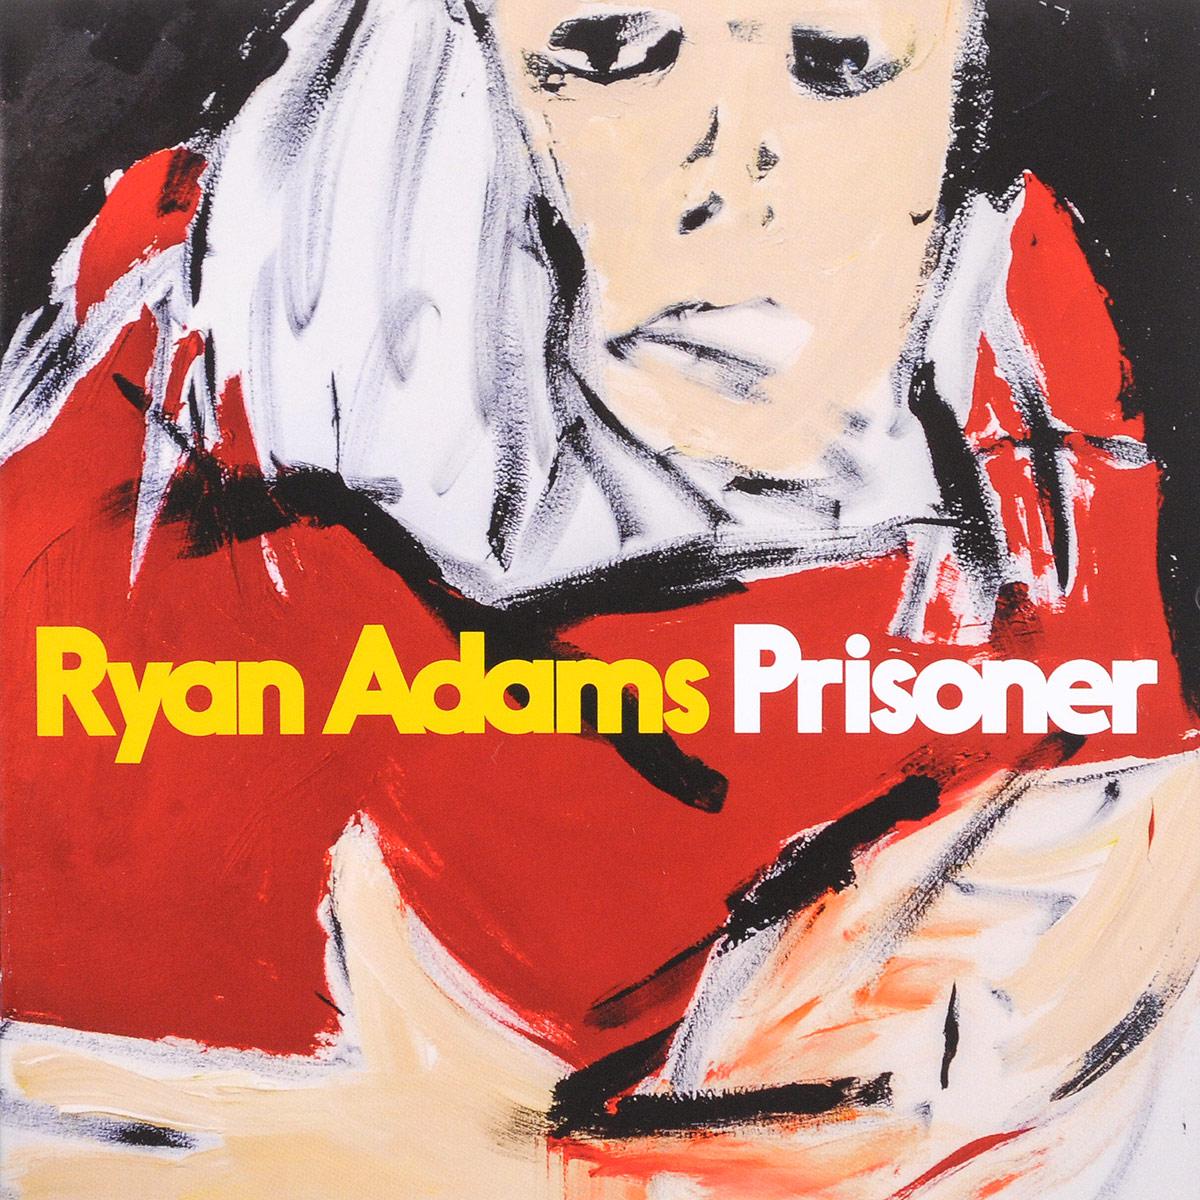 Брайан Адамс Ryan Adams. Prisoner райан адамс ryan adams 1989